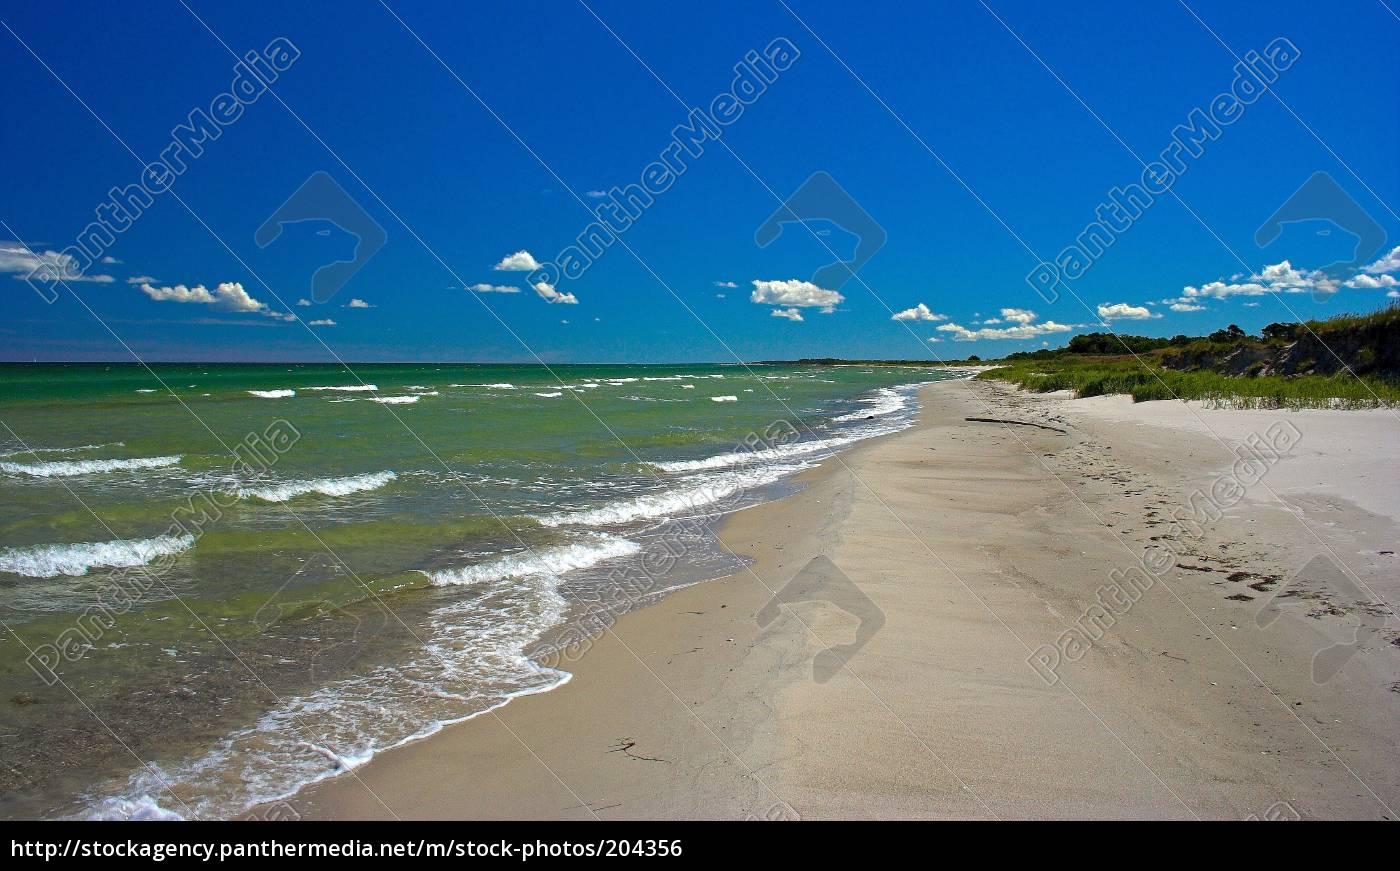 beach - 204356